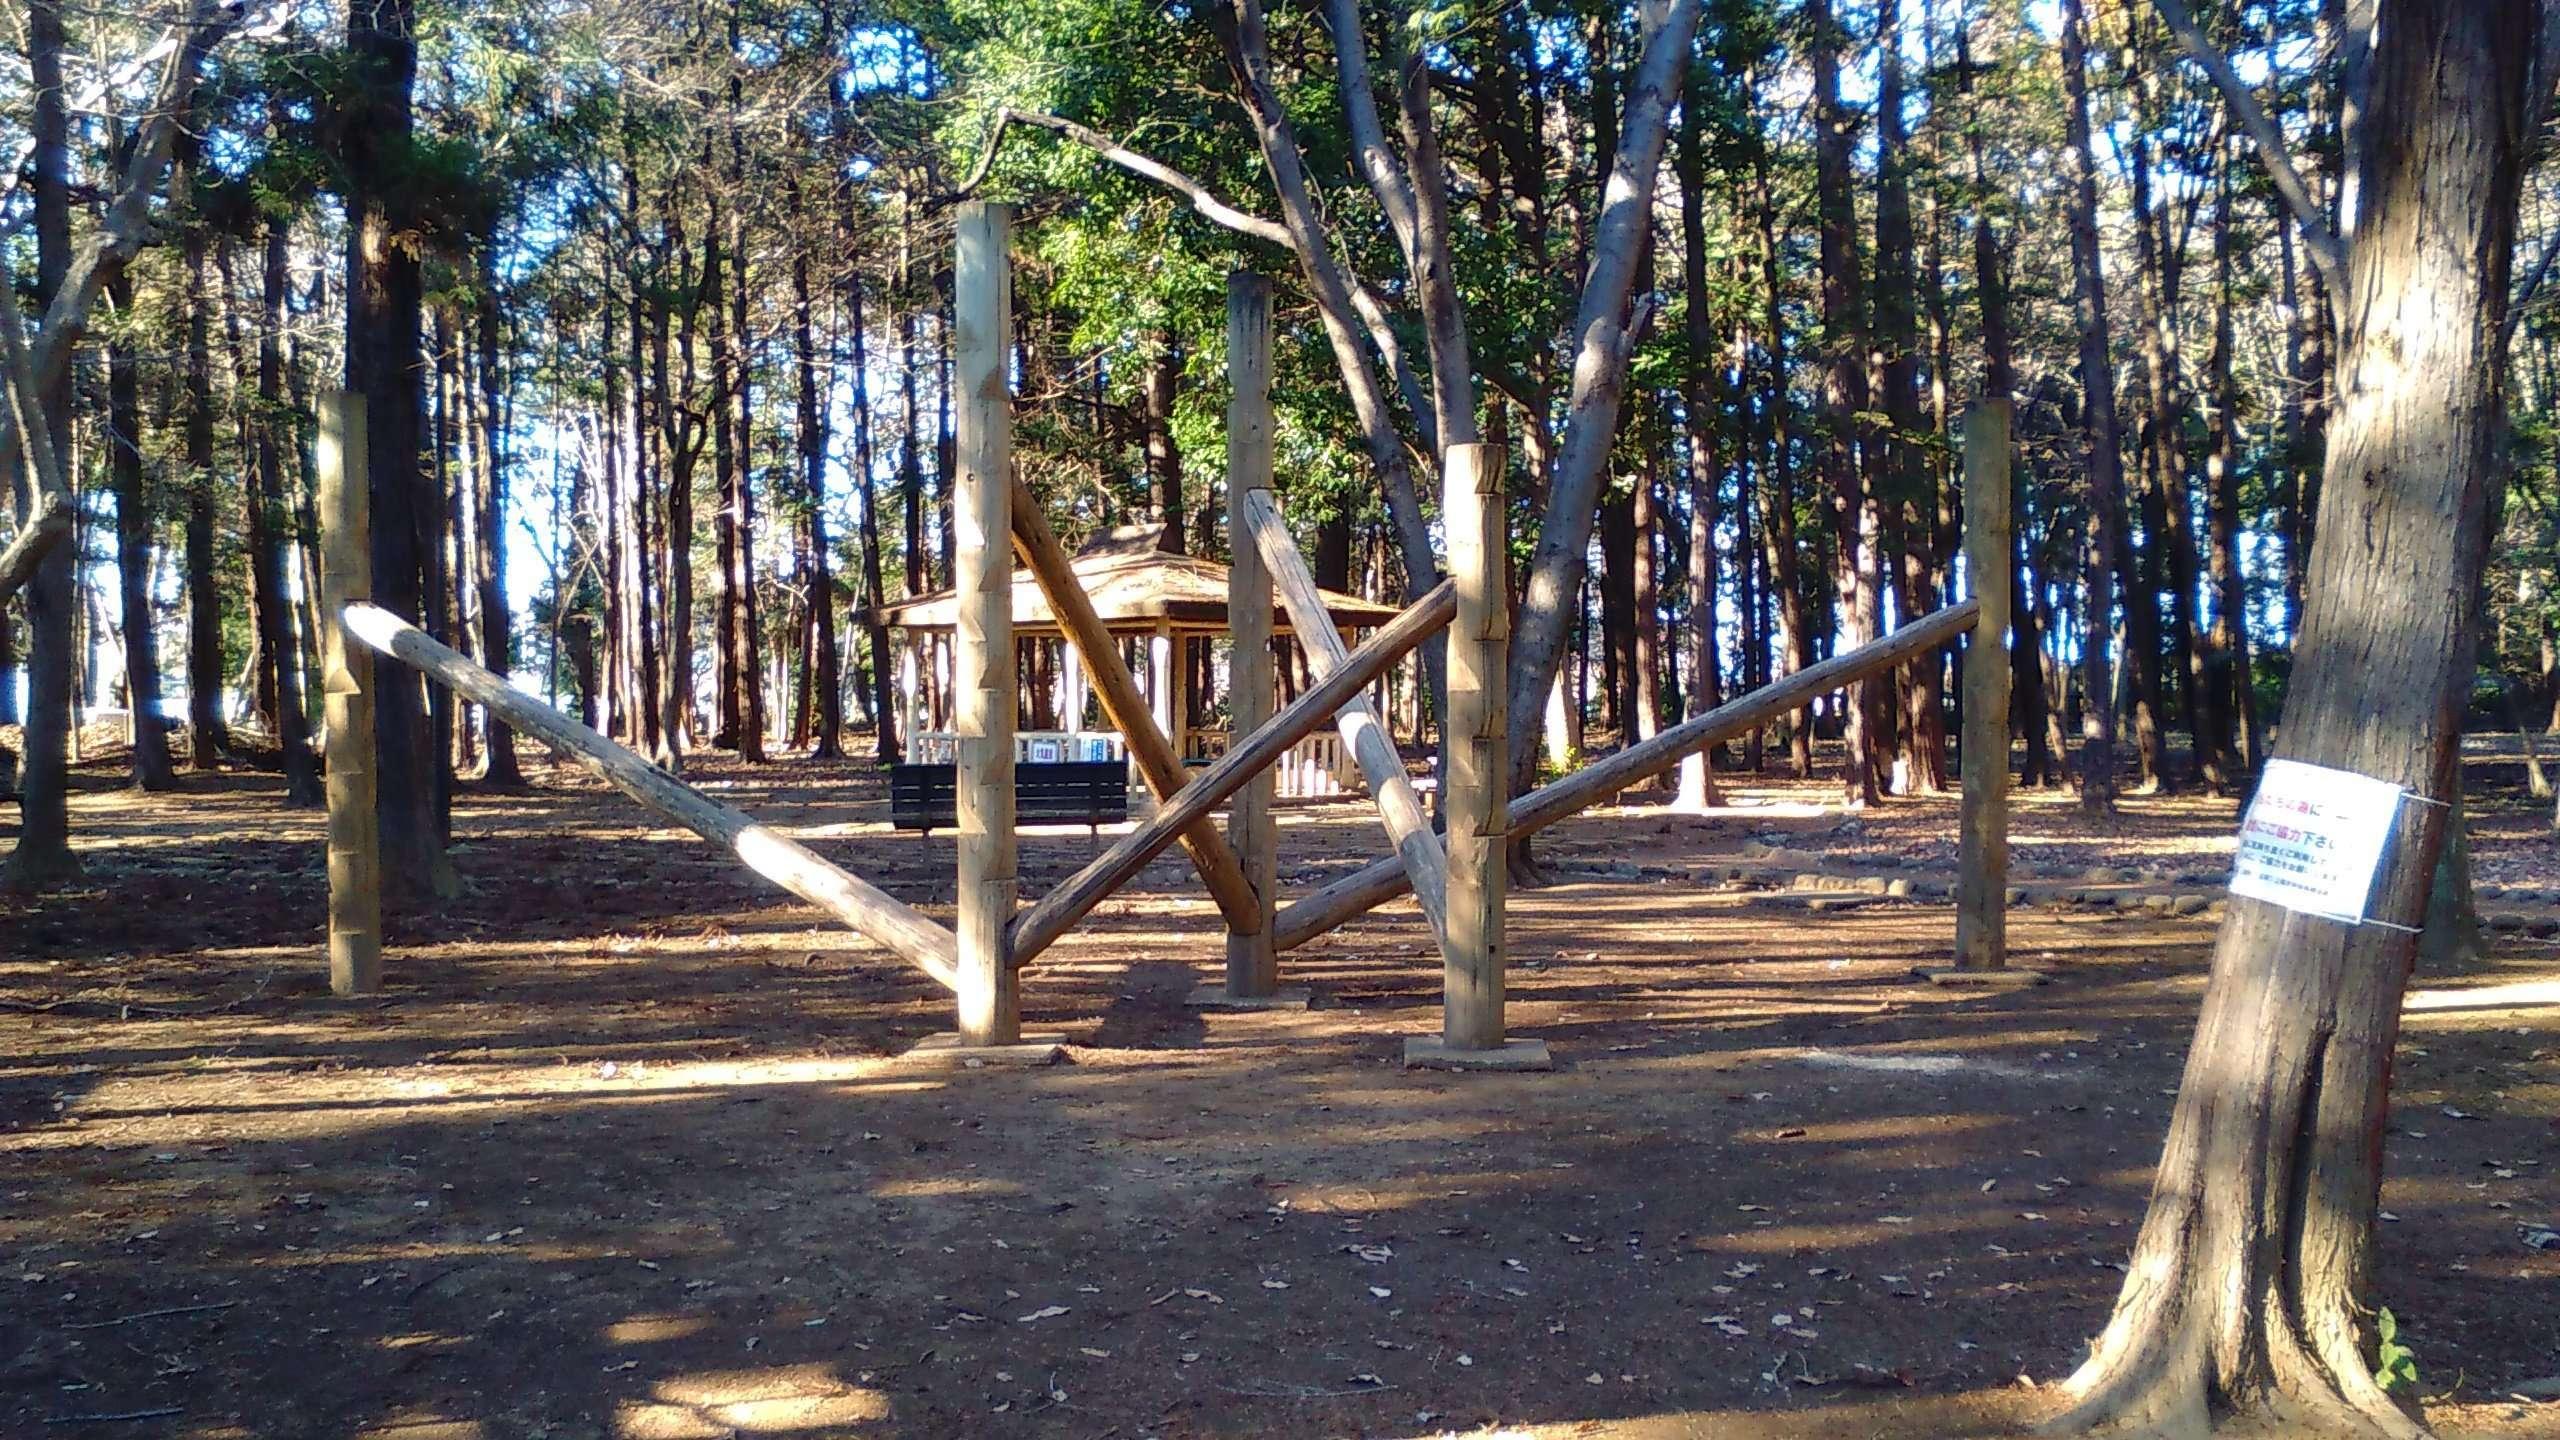 Hiratsuka park adventure playground